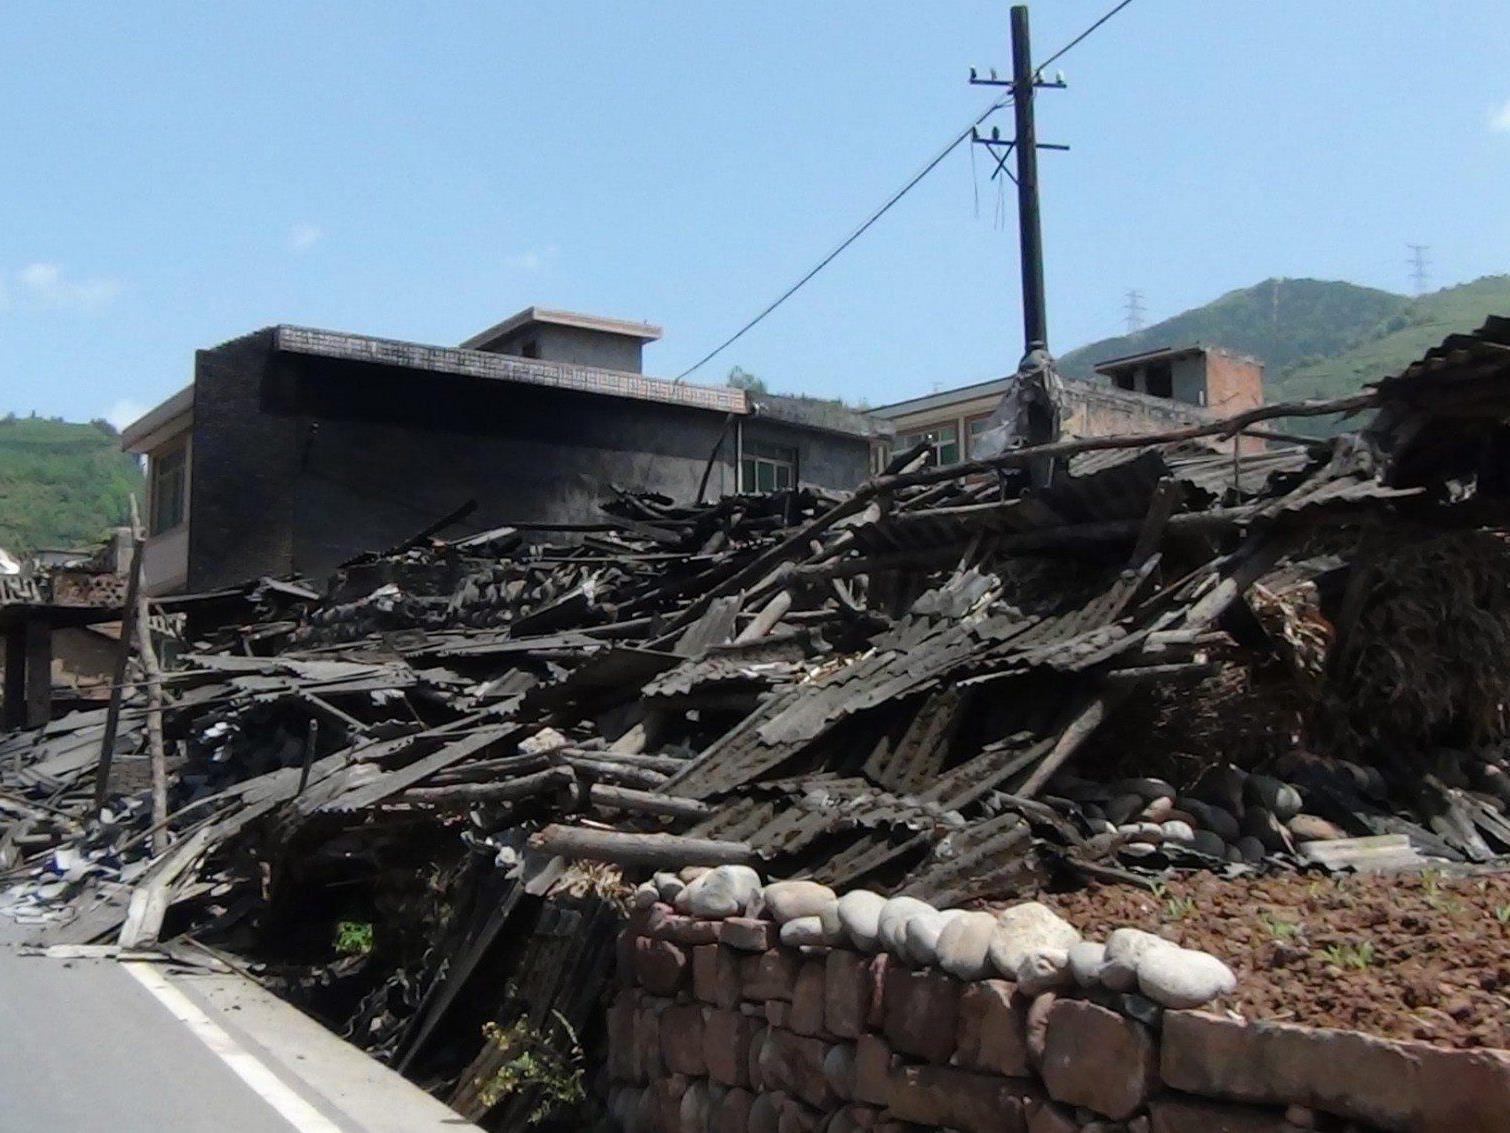 Nach dem schweren Erdbeben in der Region Sichuan wird mit mindestens 100 Opfern gerechnet.